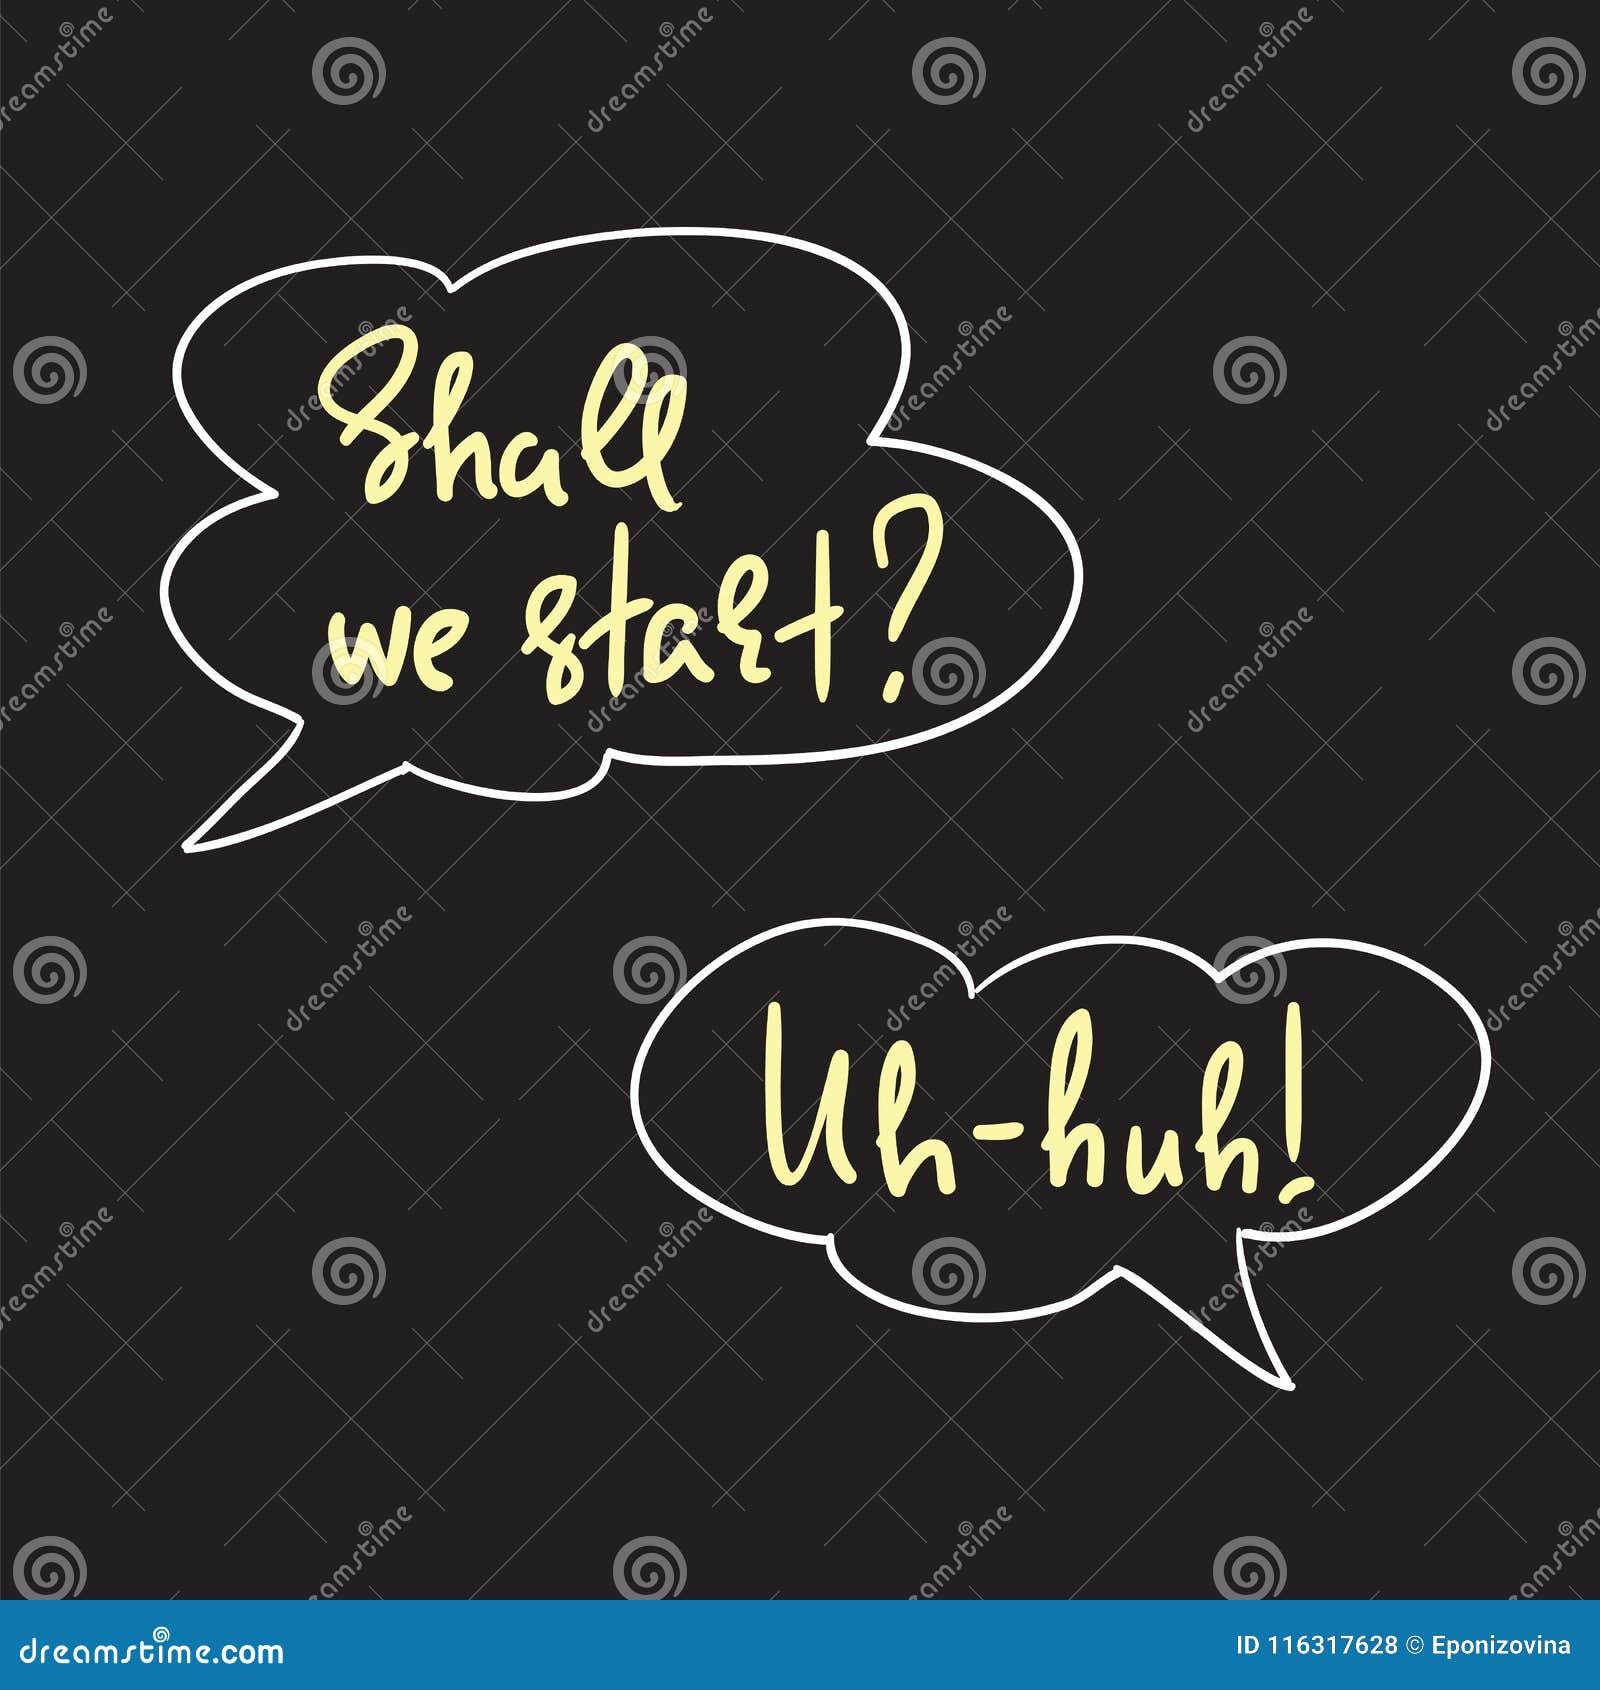 Vi att starta? Uh-huh! - anförande bubblar med emotionellt handskrivet citationstecken Tryck för affisch